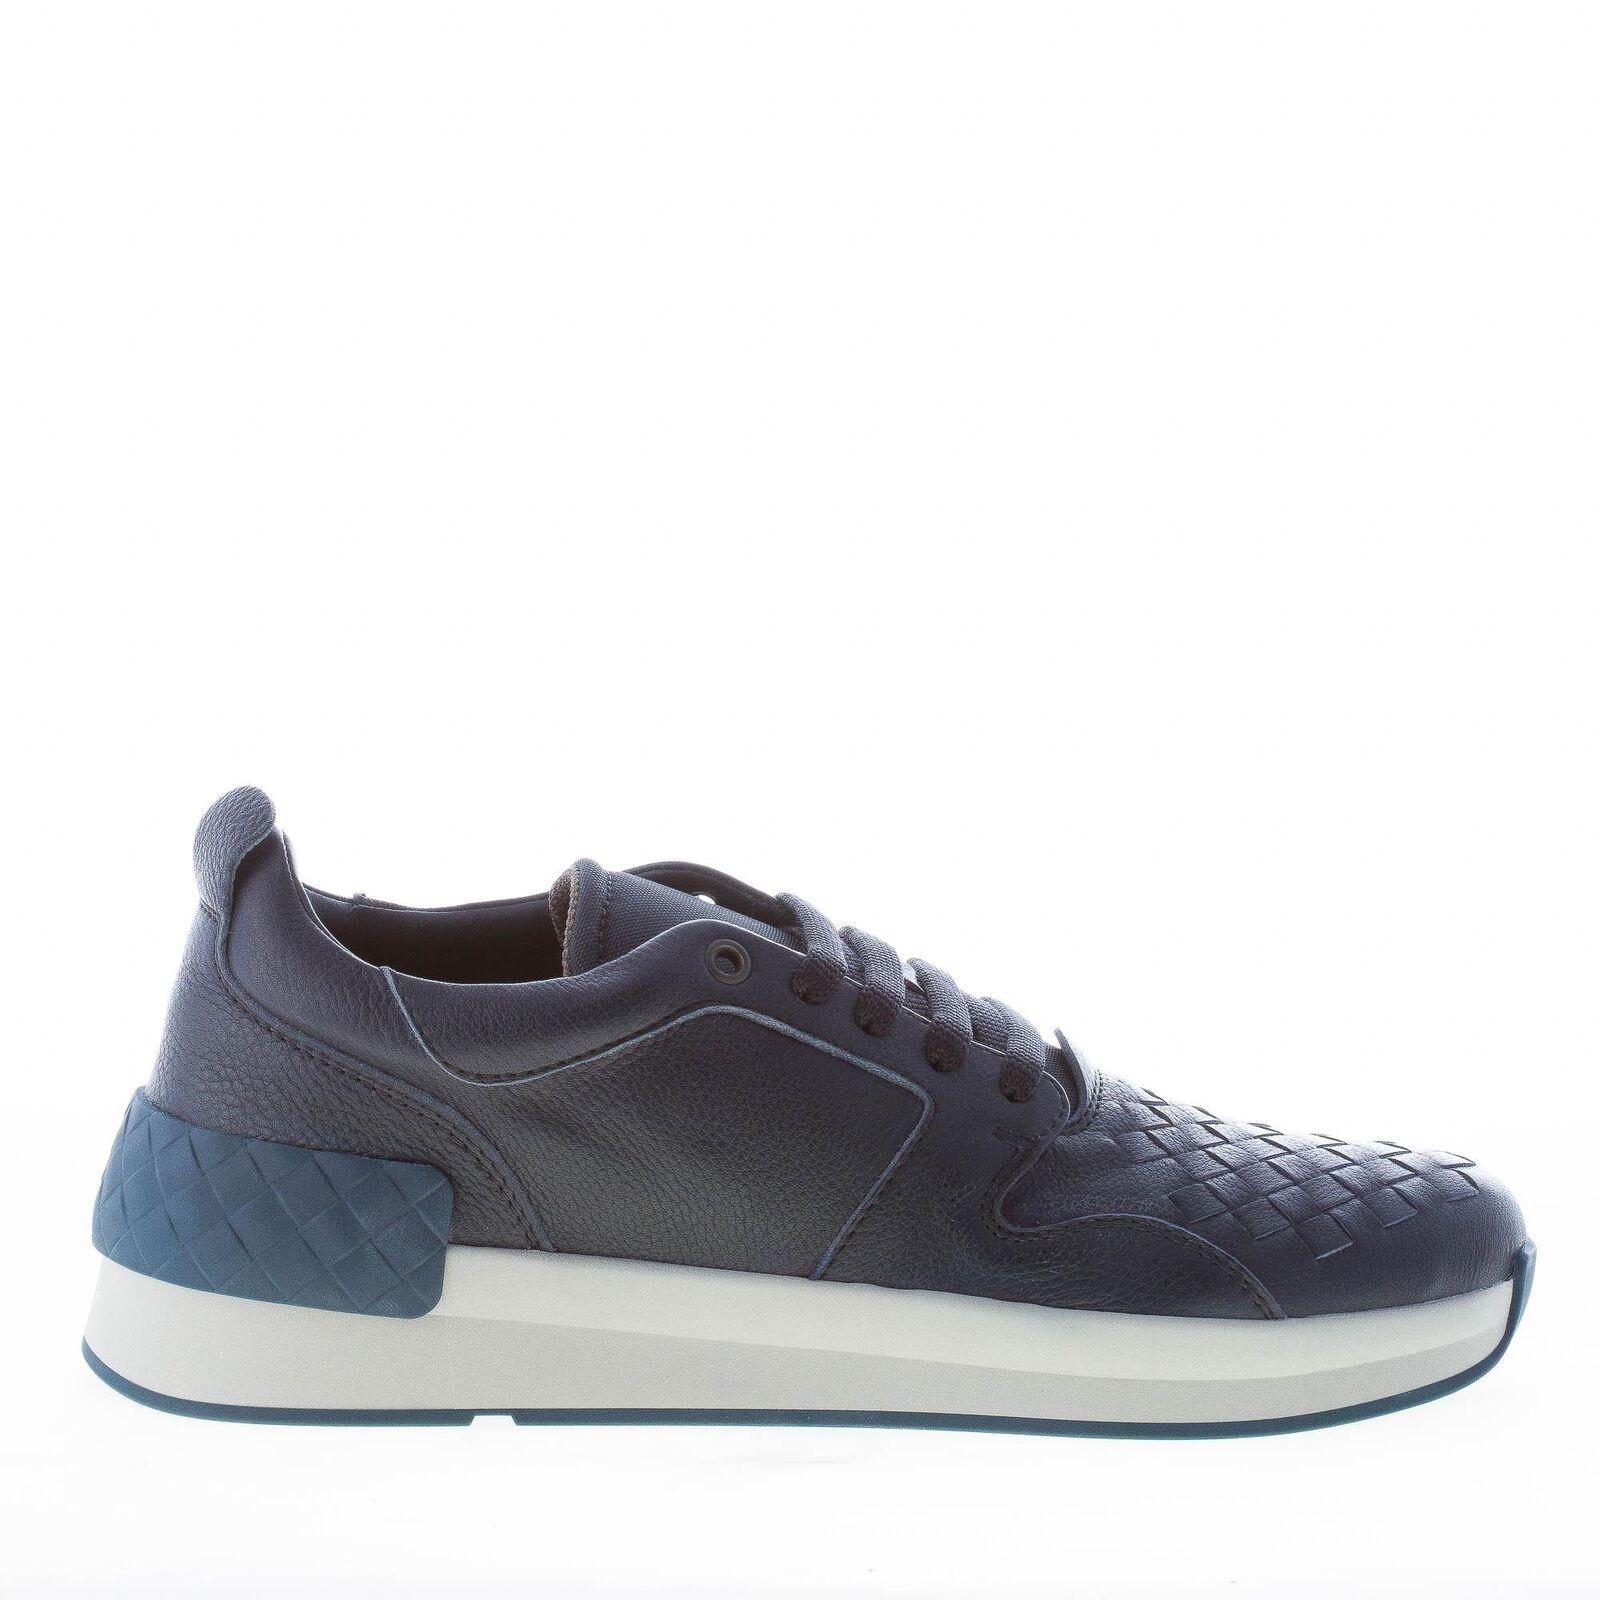 BOTTEGA VENETA men shoes dark blue leather BV Grand sneaker intrecciato 475154